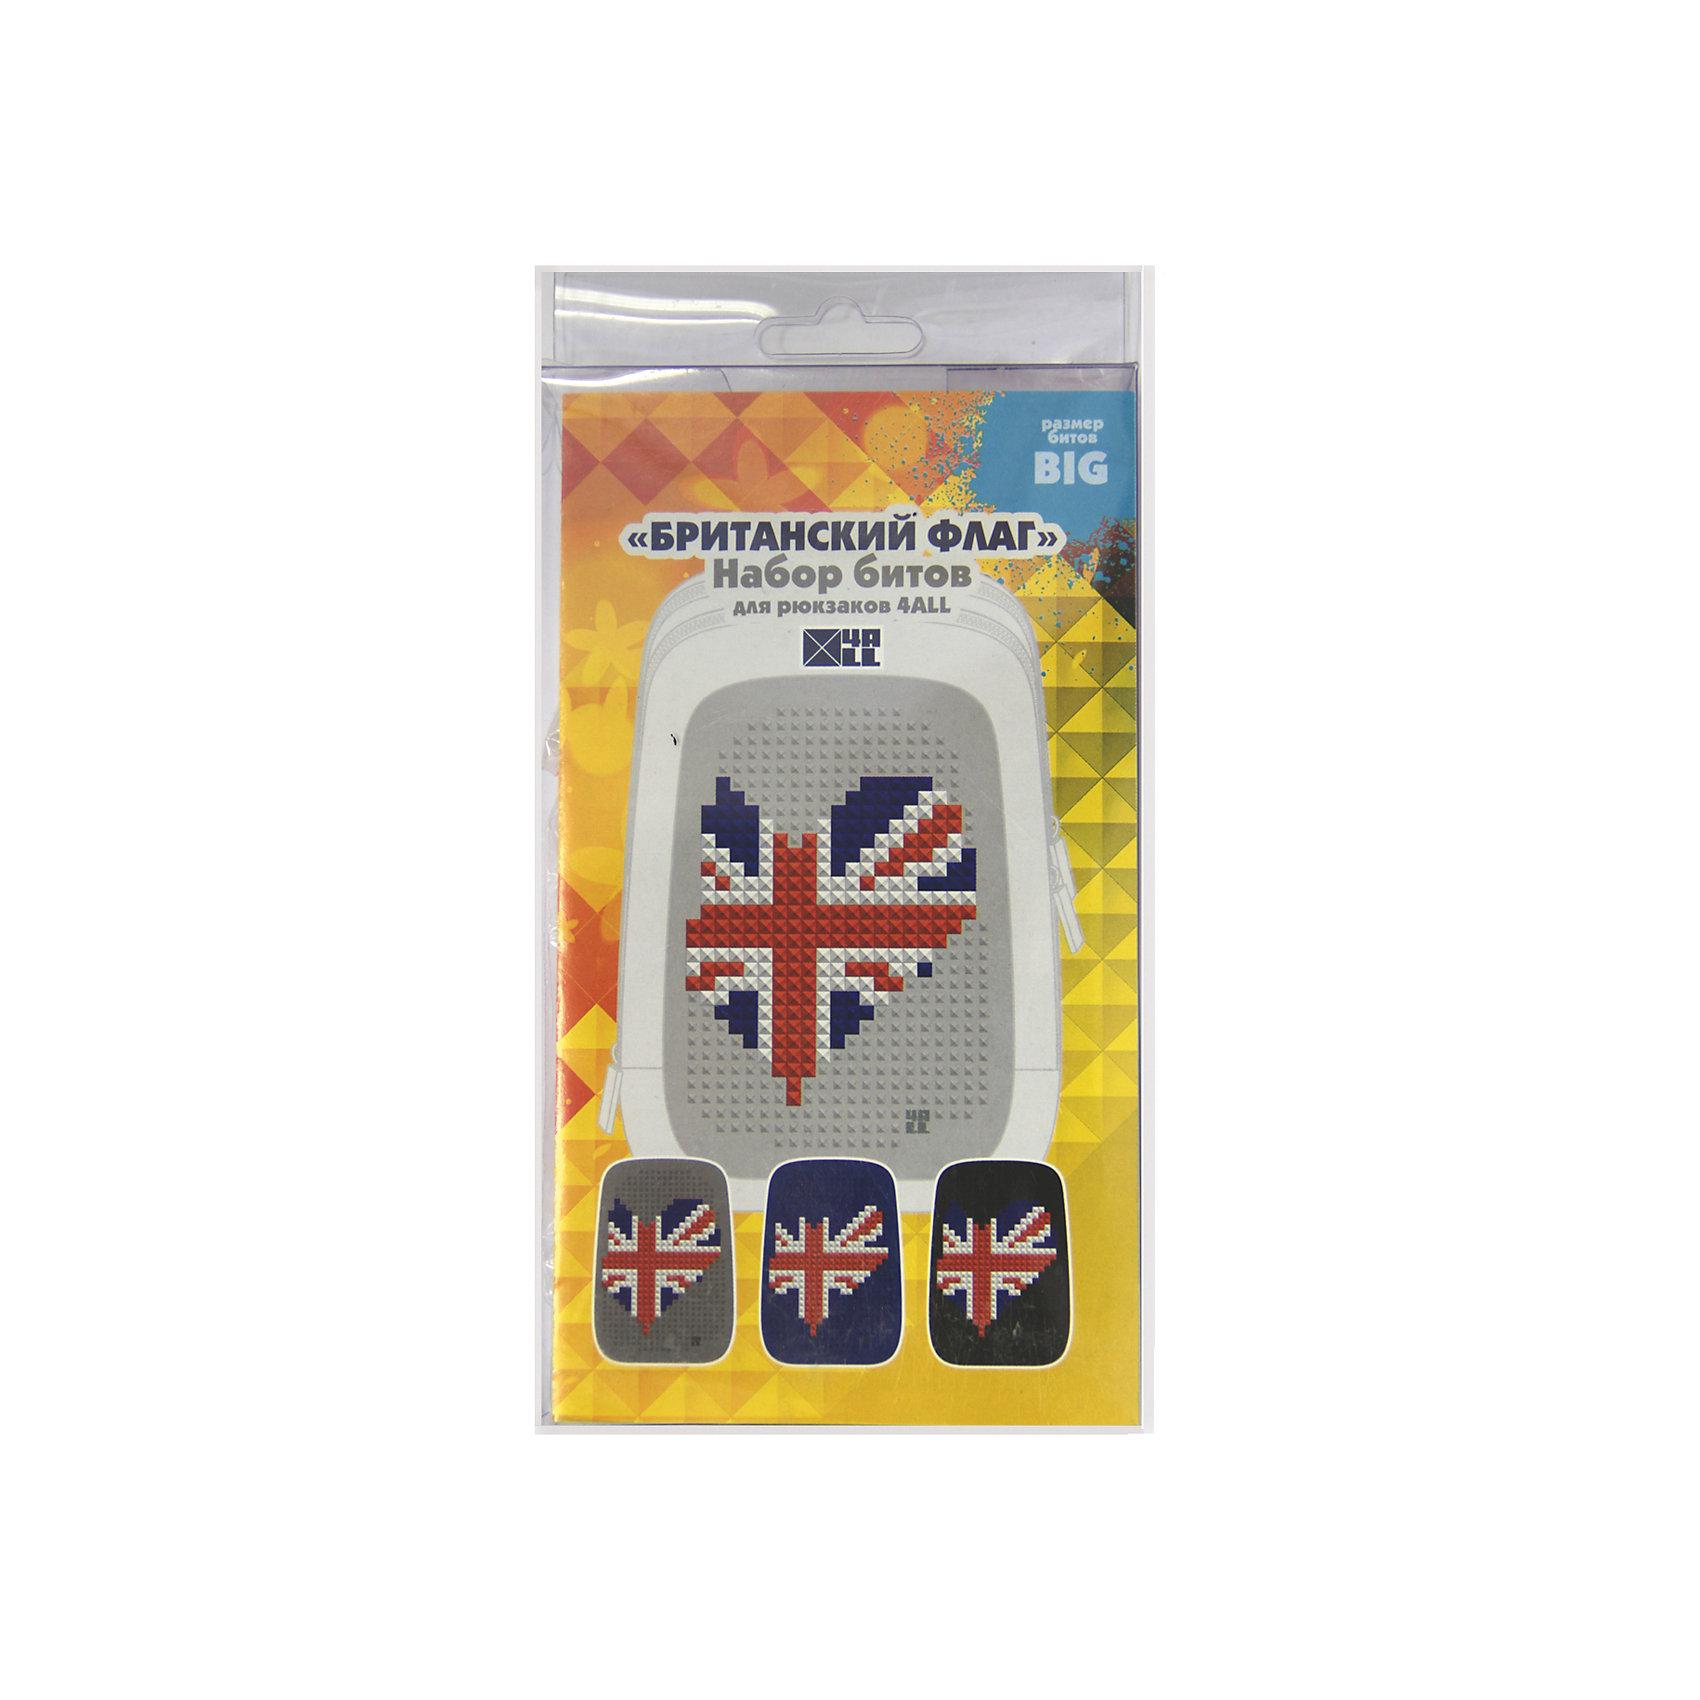 Набор для рюкзака 4ALL пиксель-Бит Британский флаг, 289 штНабор для творчества пиксель-Бит Британский флаг, 289 шт.<br><br>Характеристики:<br><br>• Для детей от 3 лет<br>• В наборе: ассорти разноцветных БИТов для 3-х картинок<br>• Количество: 289 шт. (100 белых, 65 синих, 124 красных)<br>• Размер: 0,5х0,5 см.<br>• Материал: высококачественный силикон<br>• Упаковка: блистер<br>• Размер упаковки: 8х2,5х14 см.<br><br>Набор для творчества пиксель-Бит Британский флаг предназначен для декорирования рюкзаков серии 4ALL Case. В набор входят разноцветные биты для пикселей, с помощью которых можно создать 3 картинки (британский флаг в форме сердца, надпись 007 и сердце с большой буквой «I»). Биты легко и прочно крепятся на переднюю панель рюкзака Case благодаря уникальной конструкции замка. Набор изготовлен из высококачественного гипоаллергенного силикона. Развивает мелкую моторику рук, творческий потенциал и воображение.<br><br>Набор для творчества пиксель-Бит Британский флаг, 289 шт можно купить в нашем интернет-магазине.<br><br>Ширина мм: 80<br>Глубина мм: 25<br>Высота мм: 140<br>Вес г: 82<br>Возраст от месяцев: 36<br>Возраст до месяцев: 2147483647<br>Пол: Унисекс<br>Возраст: Детский<br>SKU: 5490454